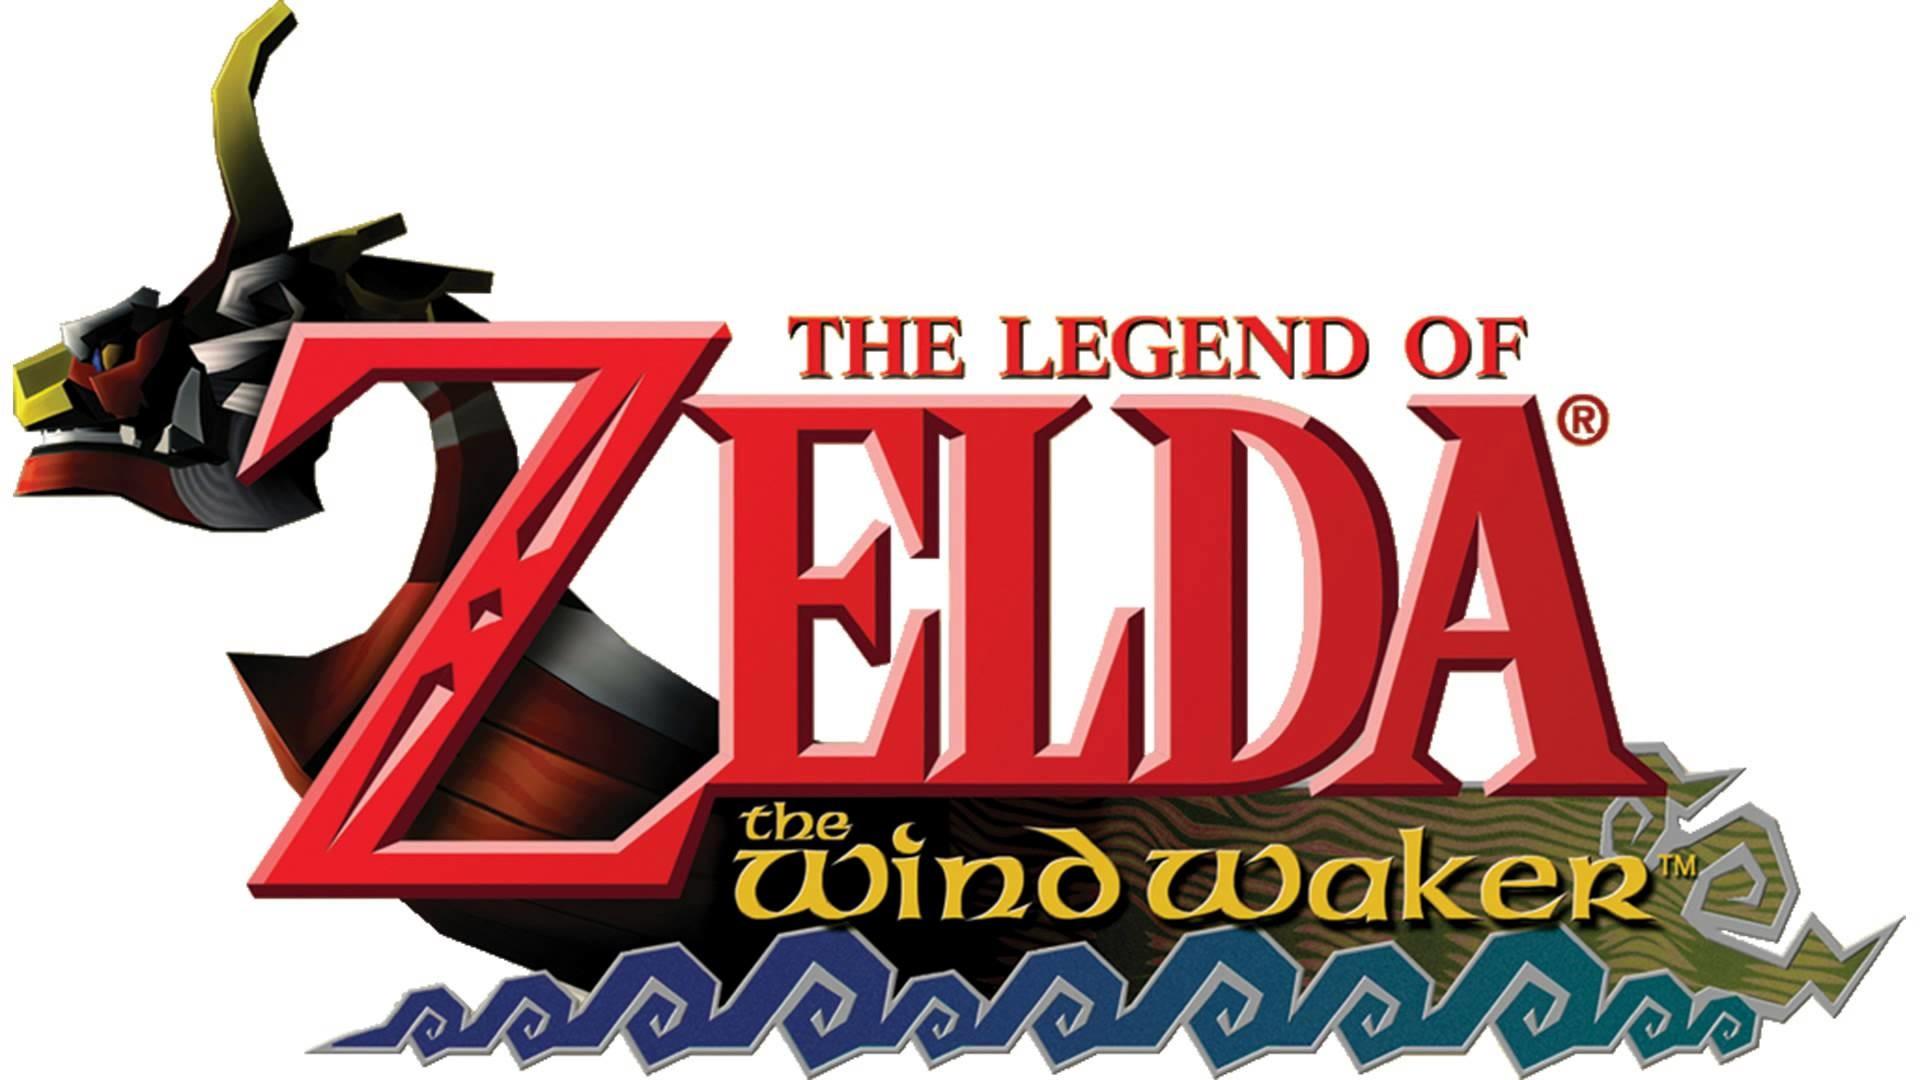 The Legend of Zelda The Wind Waker wallpaper 3